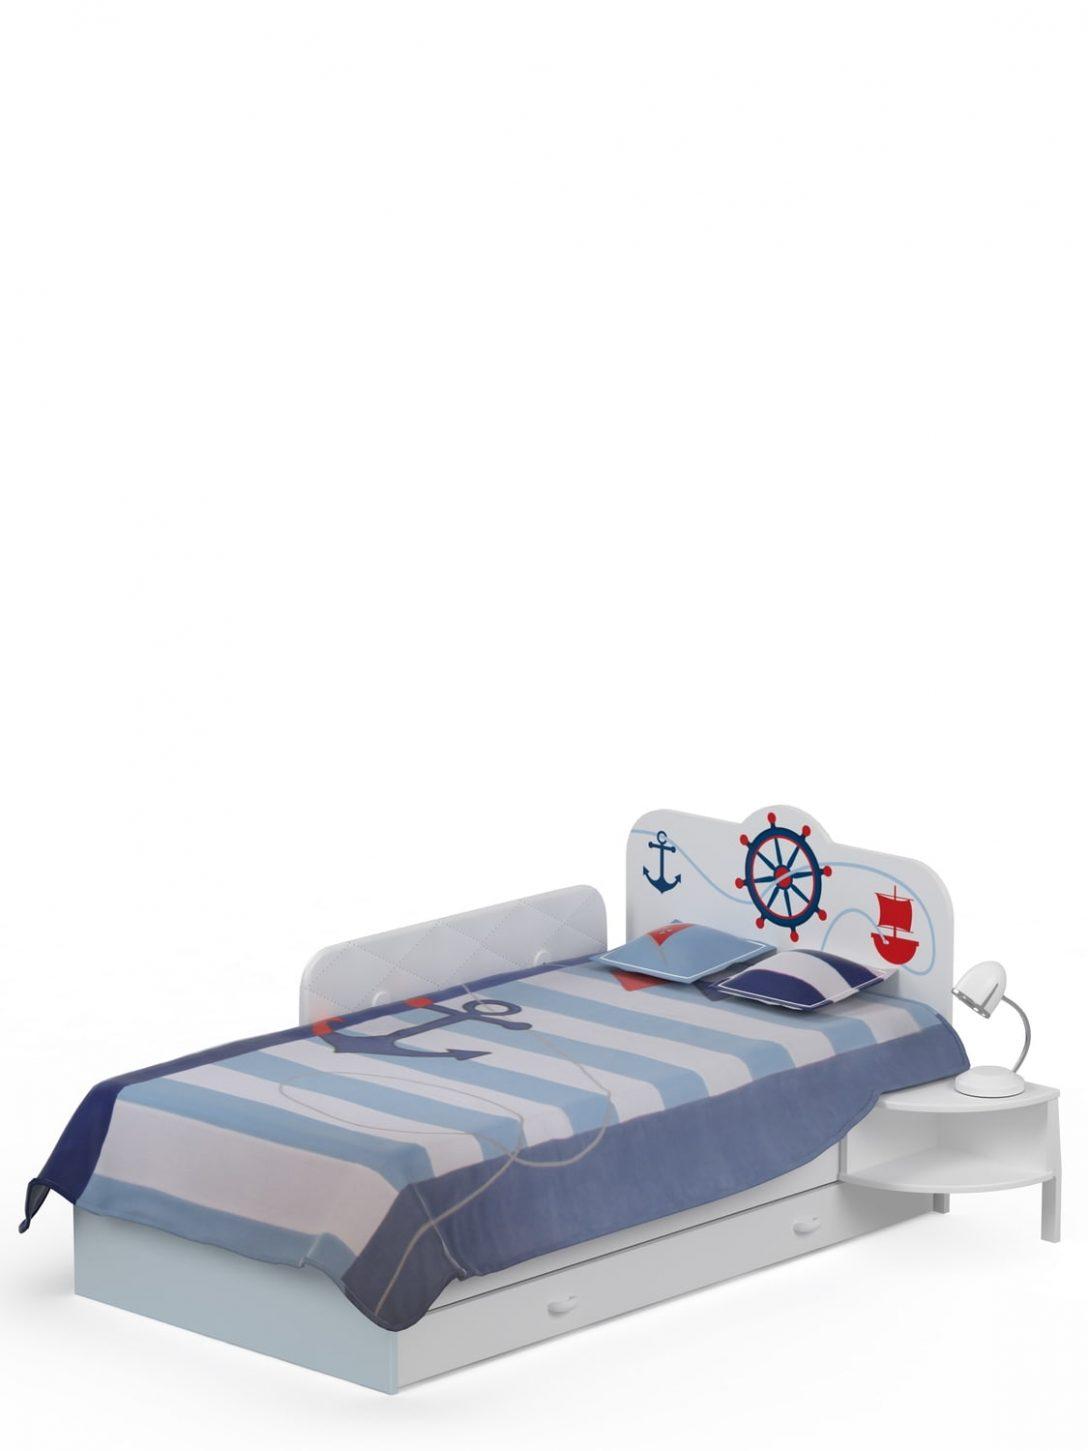 Large Size of Weiße Betten Wickelbrett Für Bett Weiss Minimalistisch Rückenlehne Ruf Tagesdecke Balken Wasser Hohes Selber Zusammenstellen Mit Schubladen Weiß Massiv Bett Bett 90x200